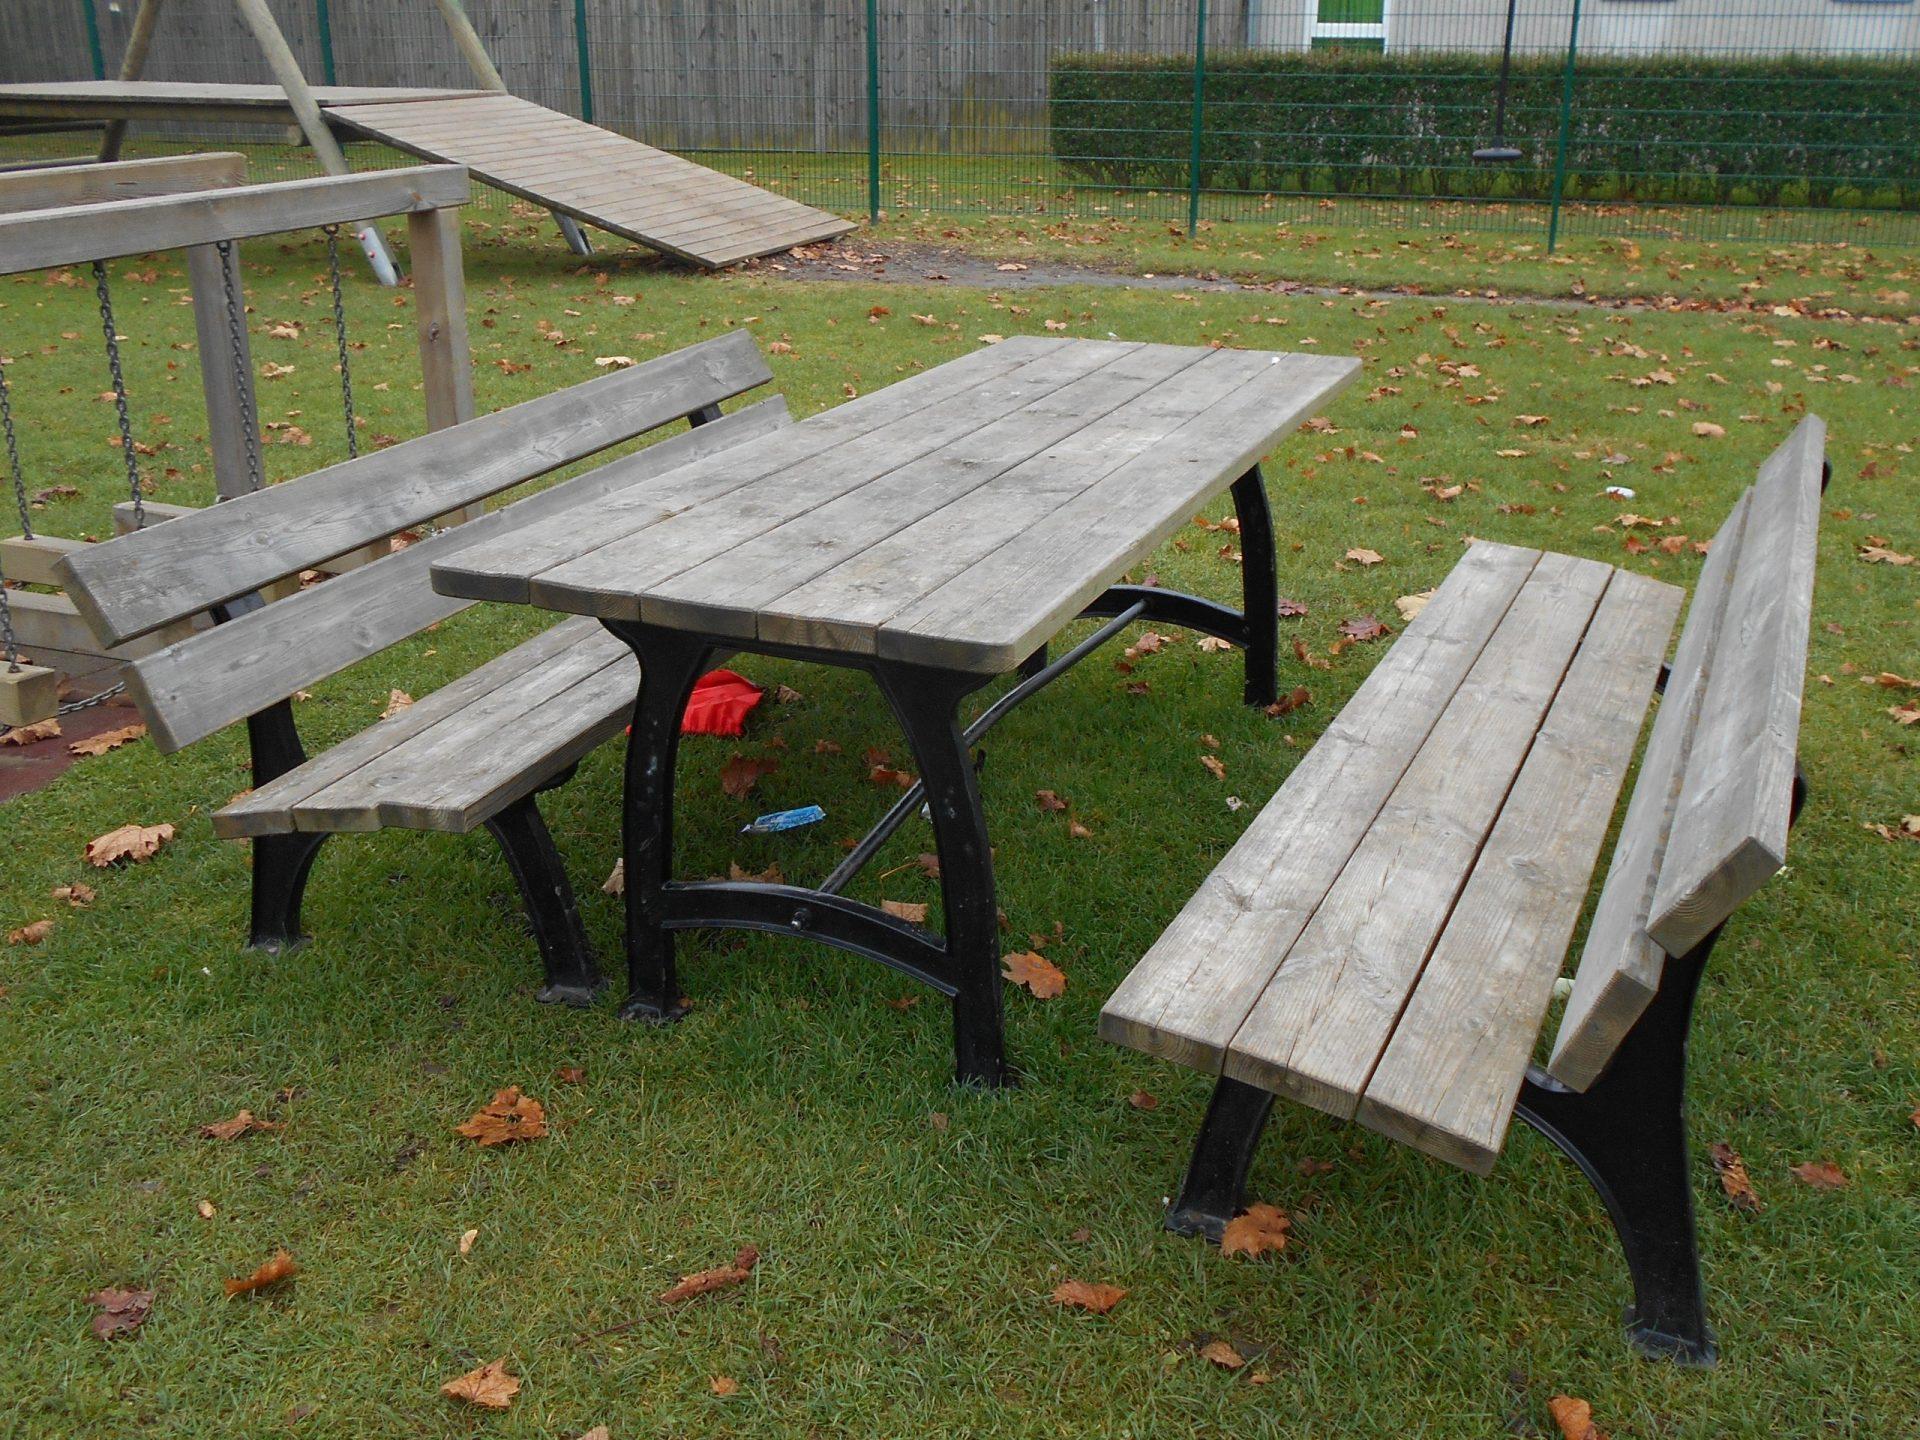 Sitzgarnitur - Kuba / Tisch 195x70 cm, Höhe 75 cm, Bank L:195 cm, Sitzhöhe 40 cm. Auflagen aus Kiefernholz, kesseldruckimprägniert, fertig montiert